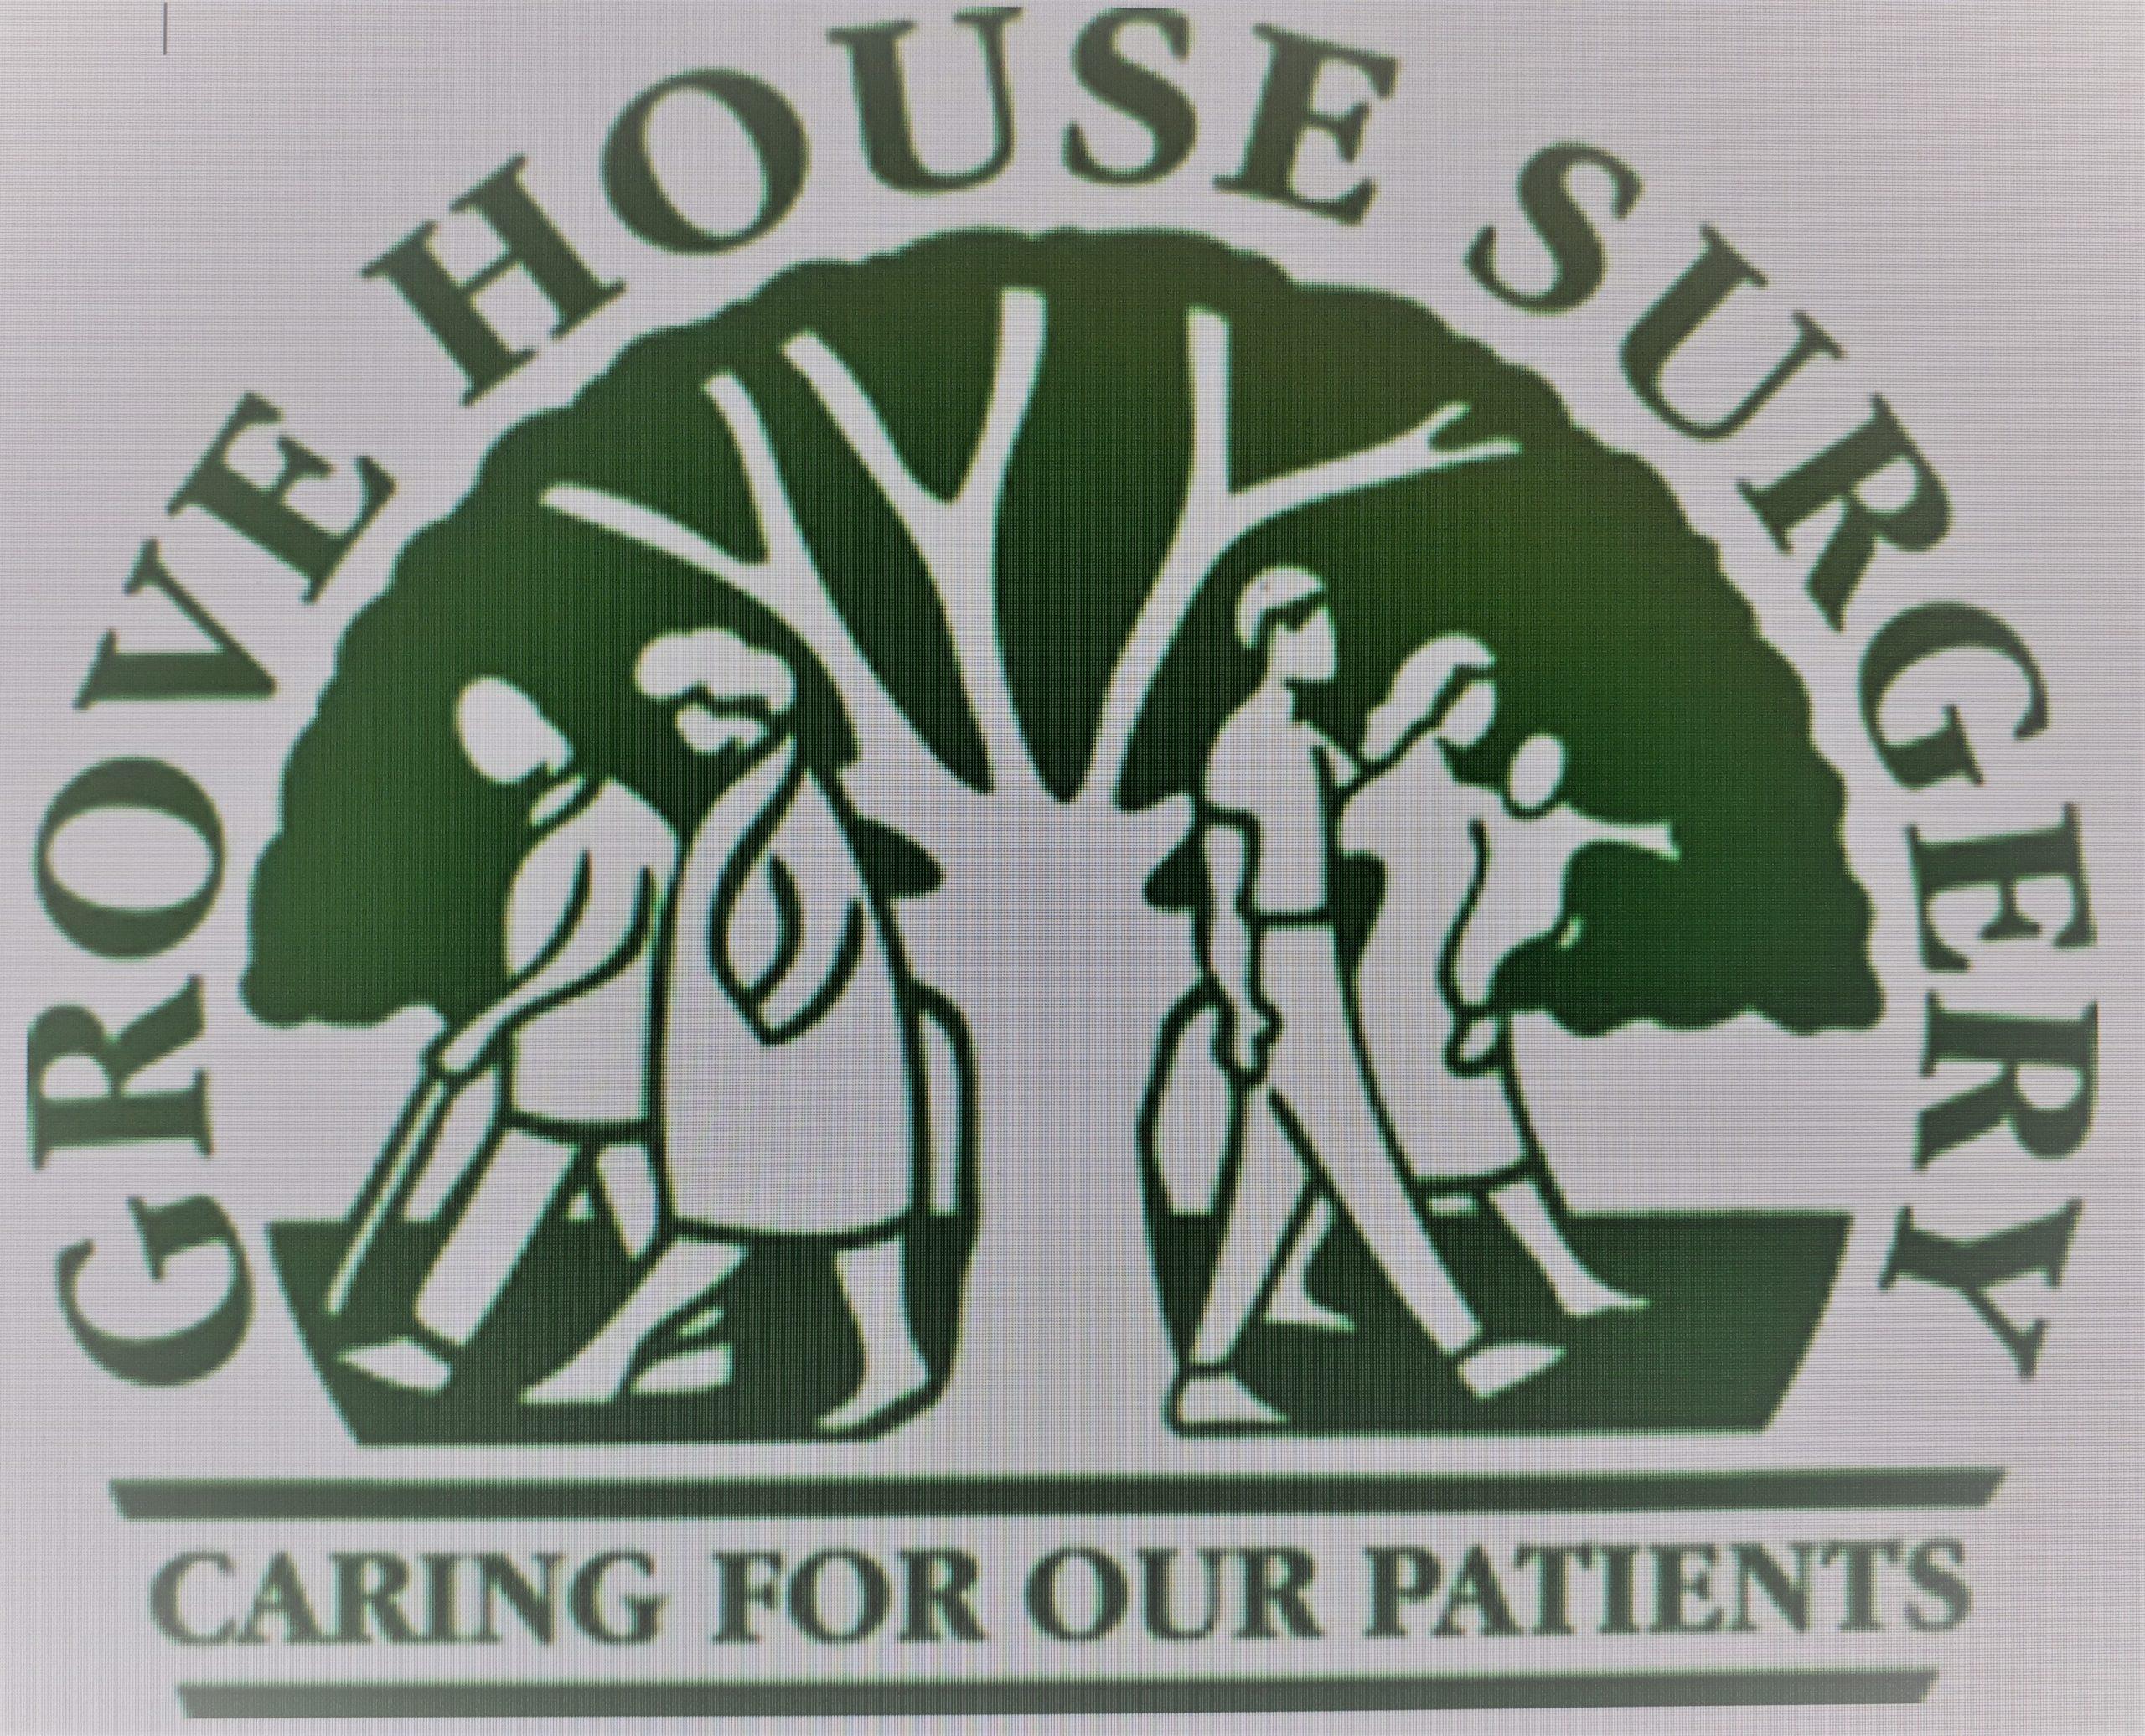 Grove House Surgery